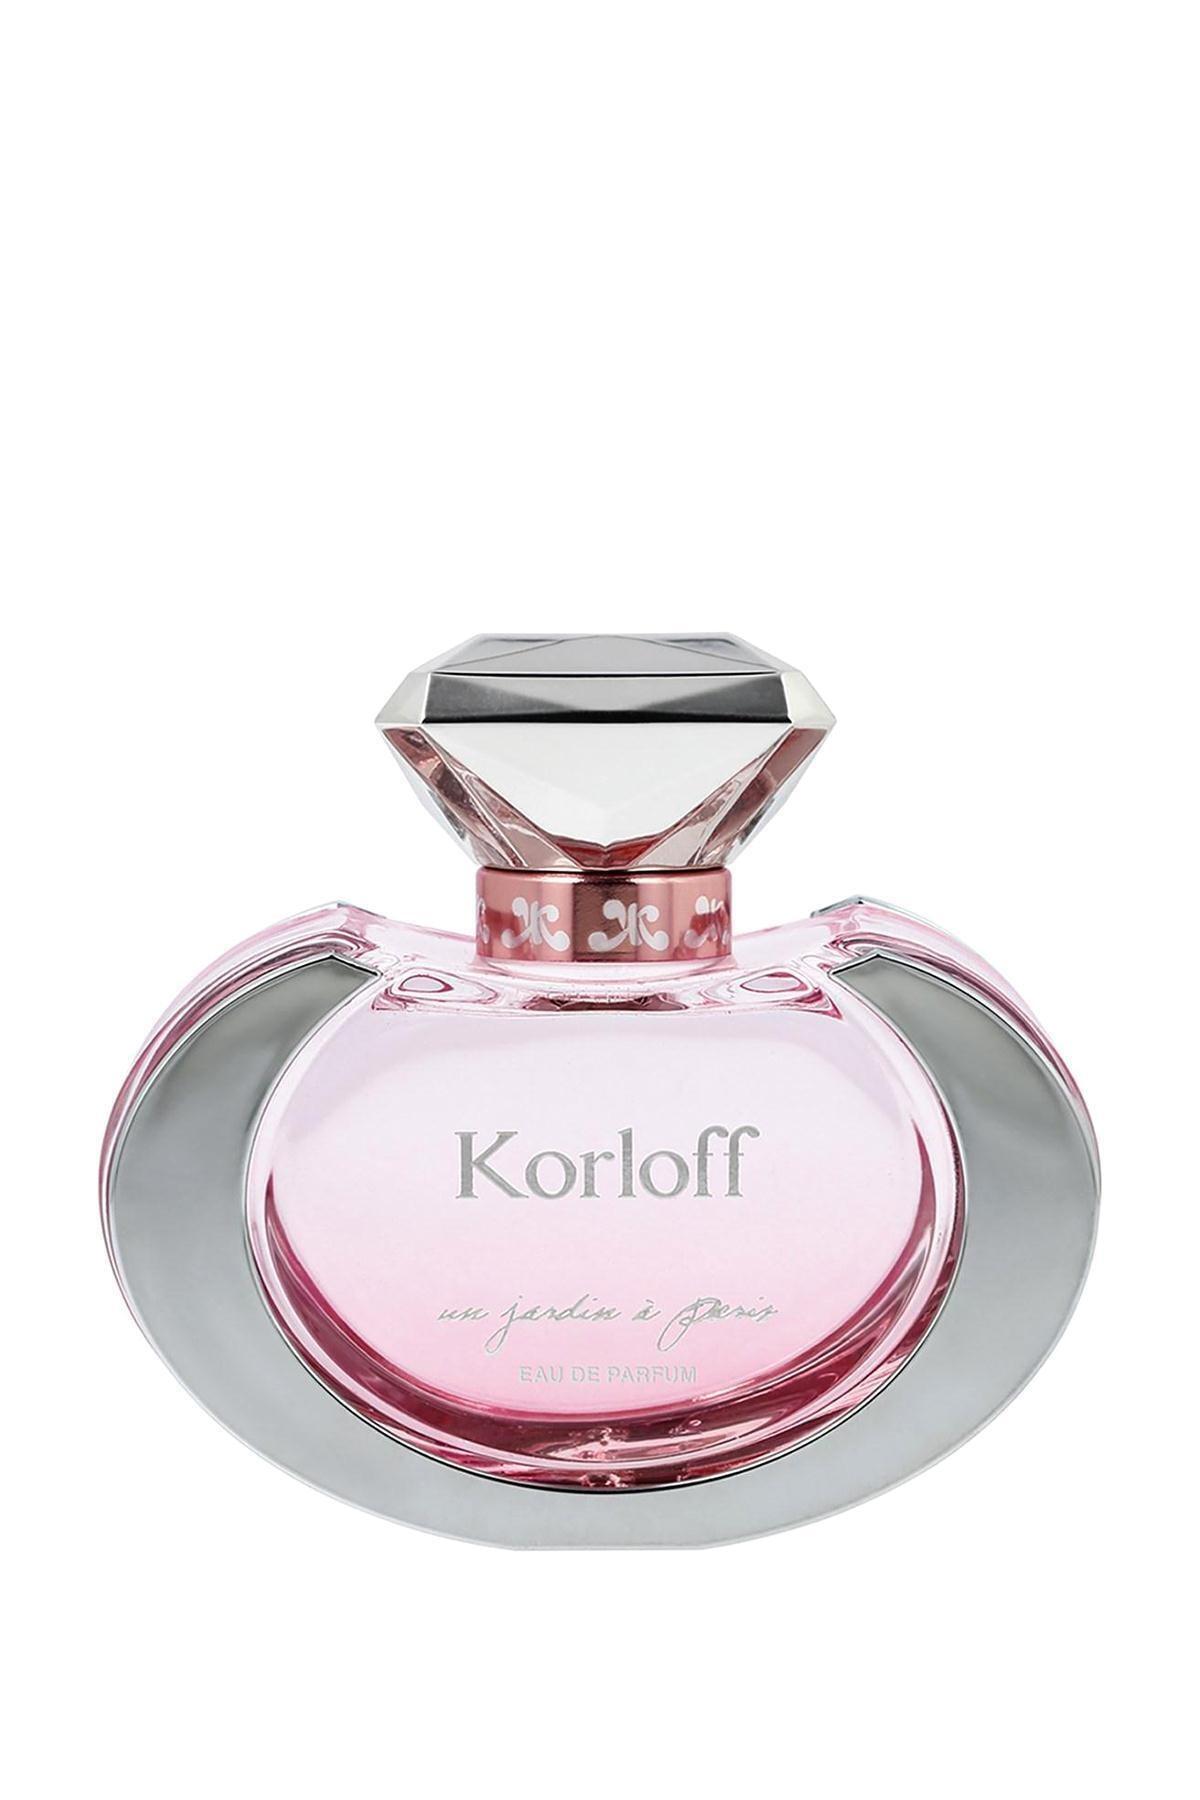 Korloff Un Jardın Parıs Edp 100 ml Kadın Parfüm 3760251870223 1